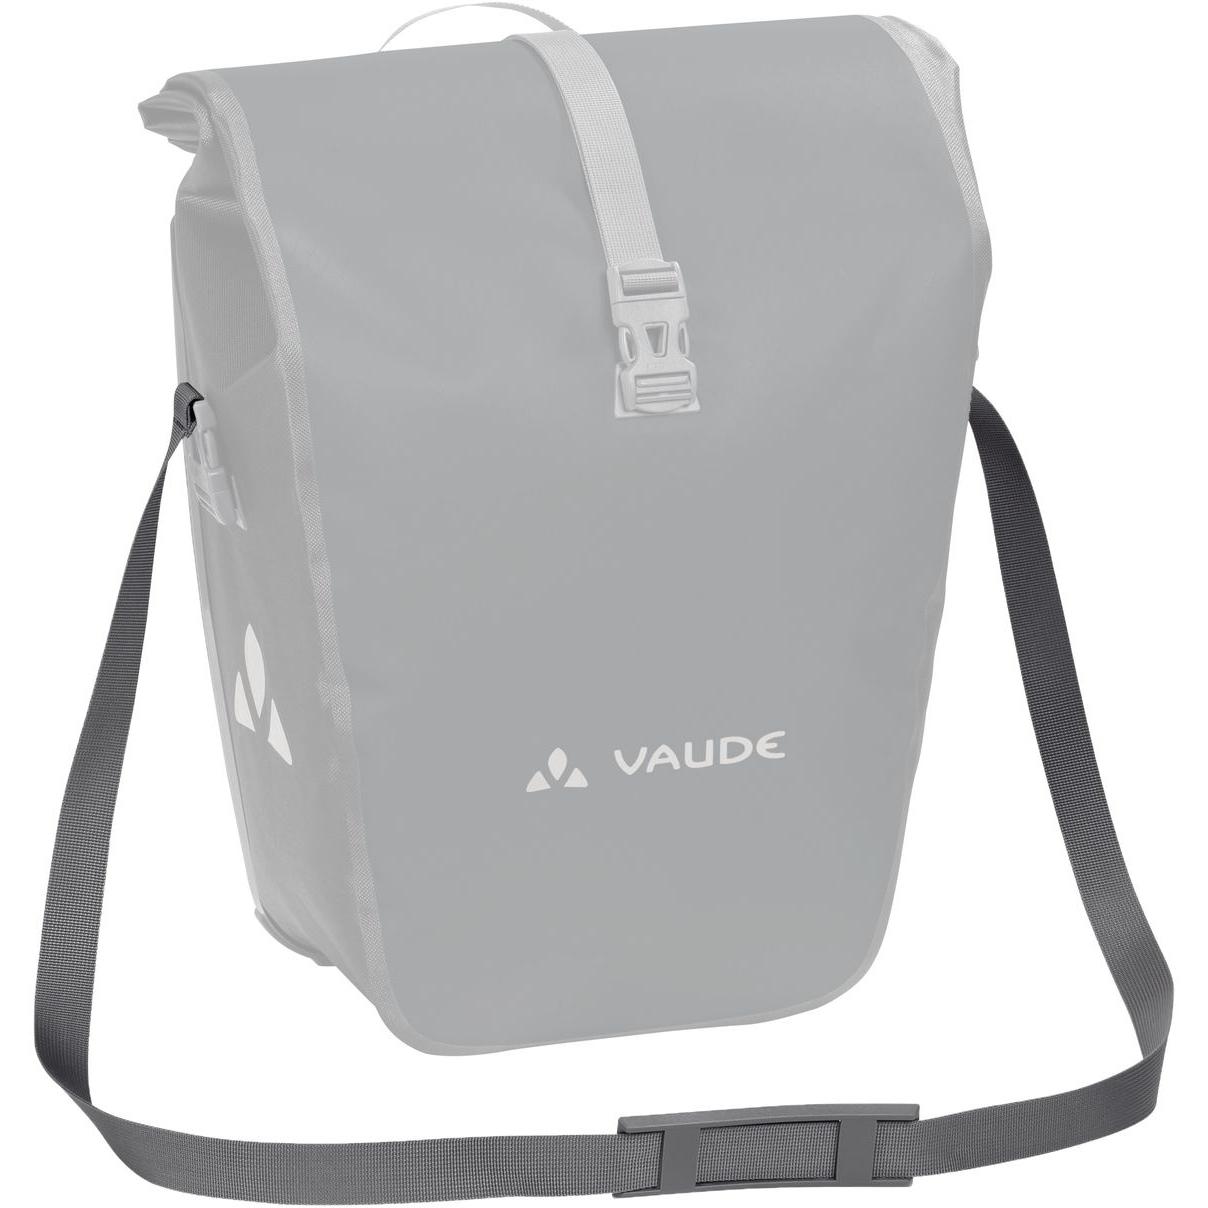 Bild von Vaude Shoulder belt Aqua Schulterträger - anthracite